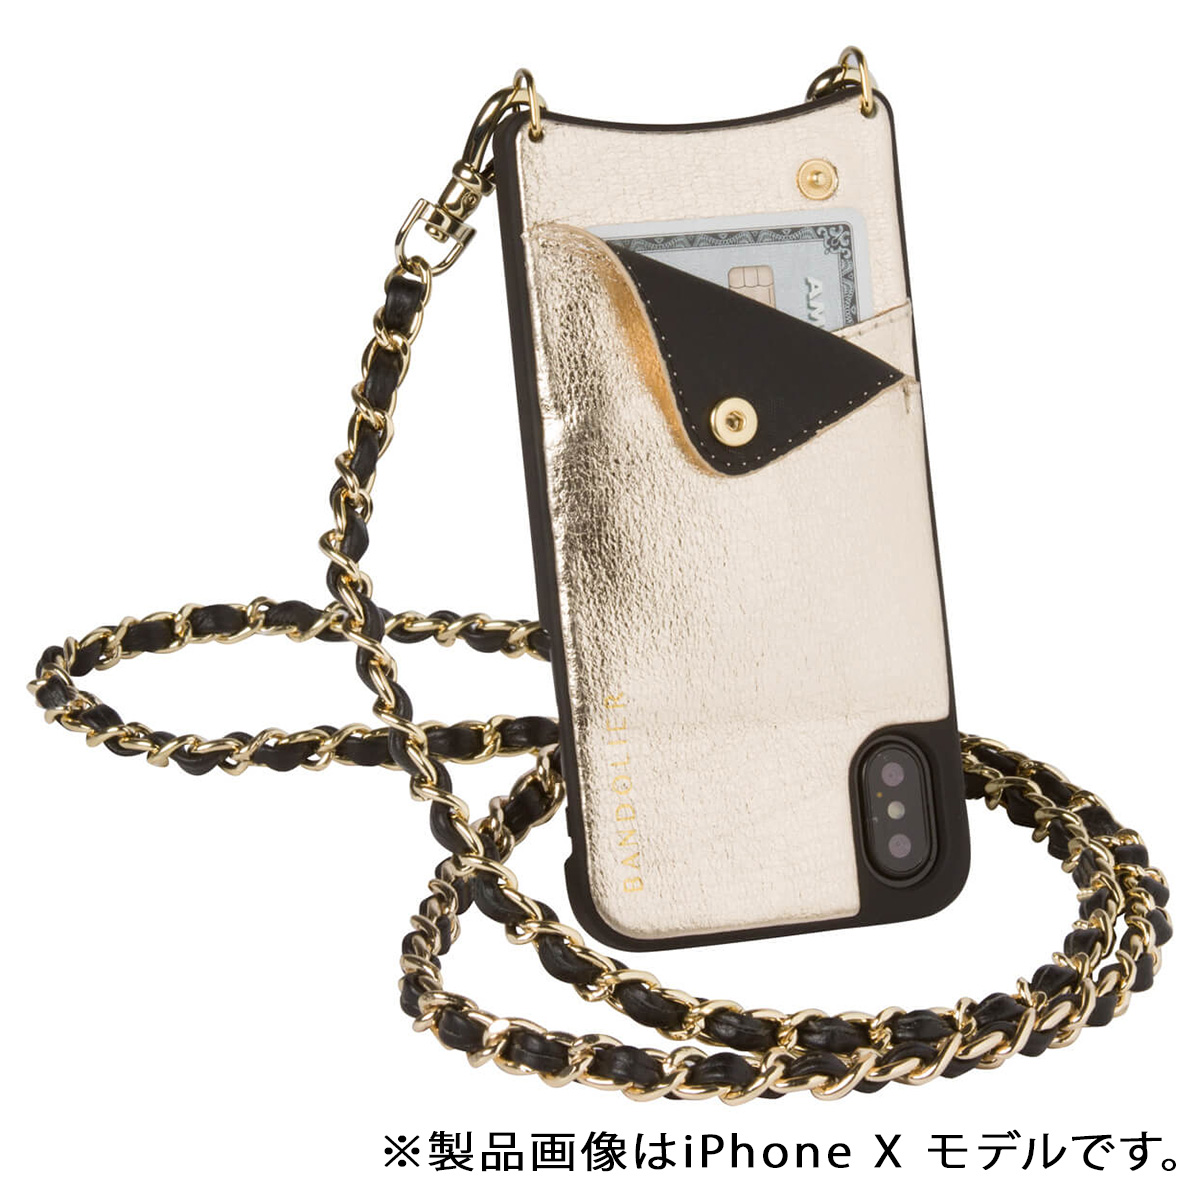 BANDOLIER LUCY METALLIC GOLD バンドリヤー iPhone8 iPhone7 7Plus 6s ケース スマホ アイフォン プラス メンズ レディース ゴールド [185]